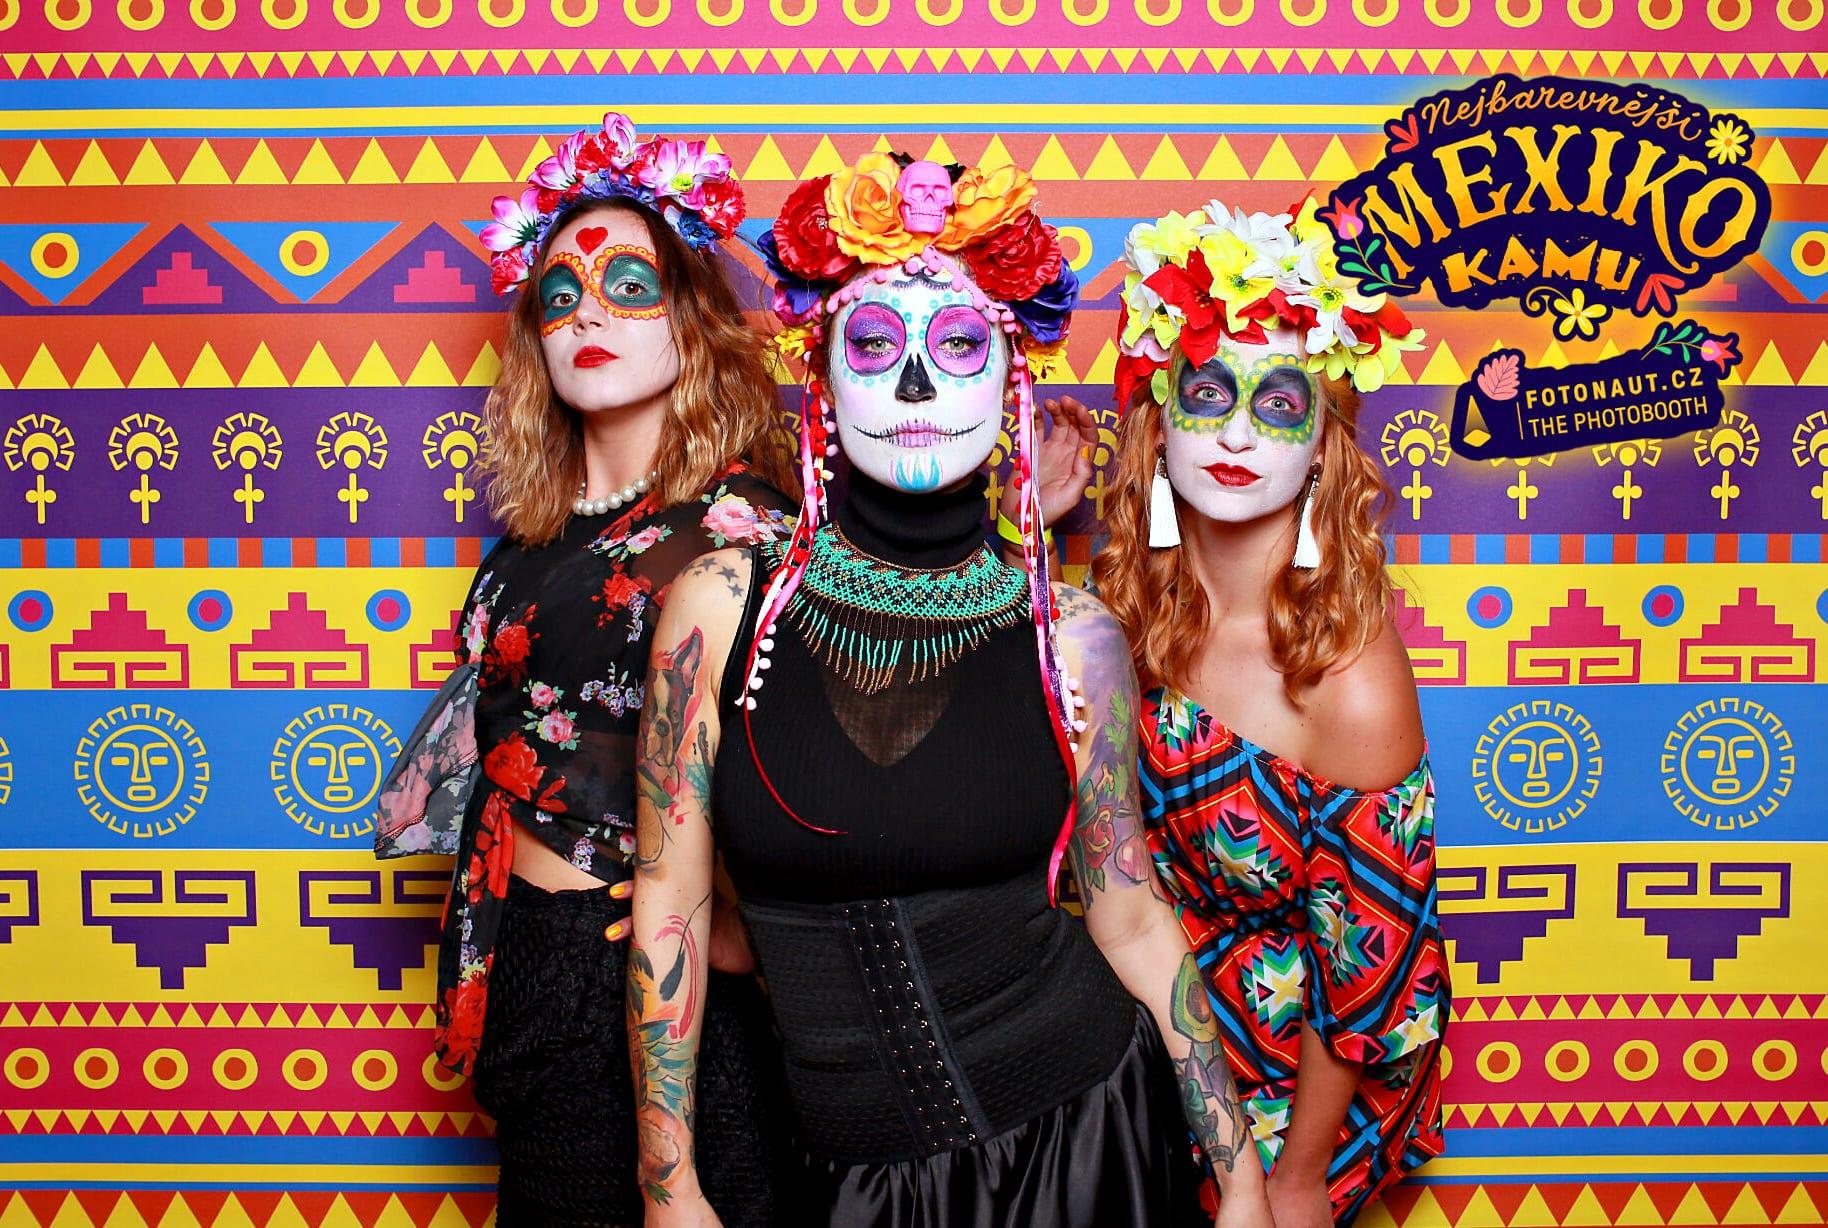 fotokoutek-nejbarevnejsi-mexiko-s-kamu-2-11-2018-517509